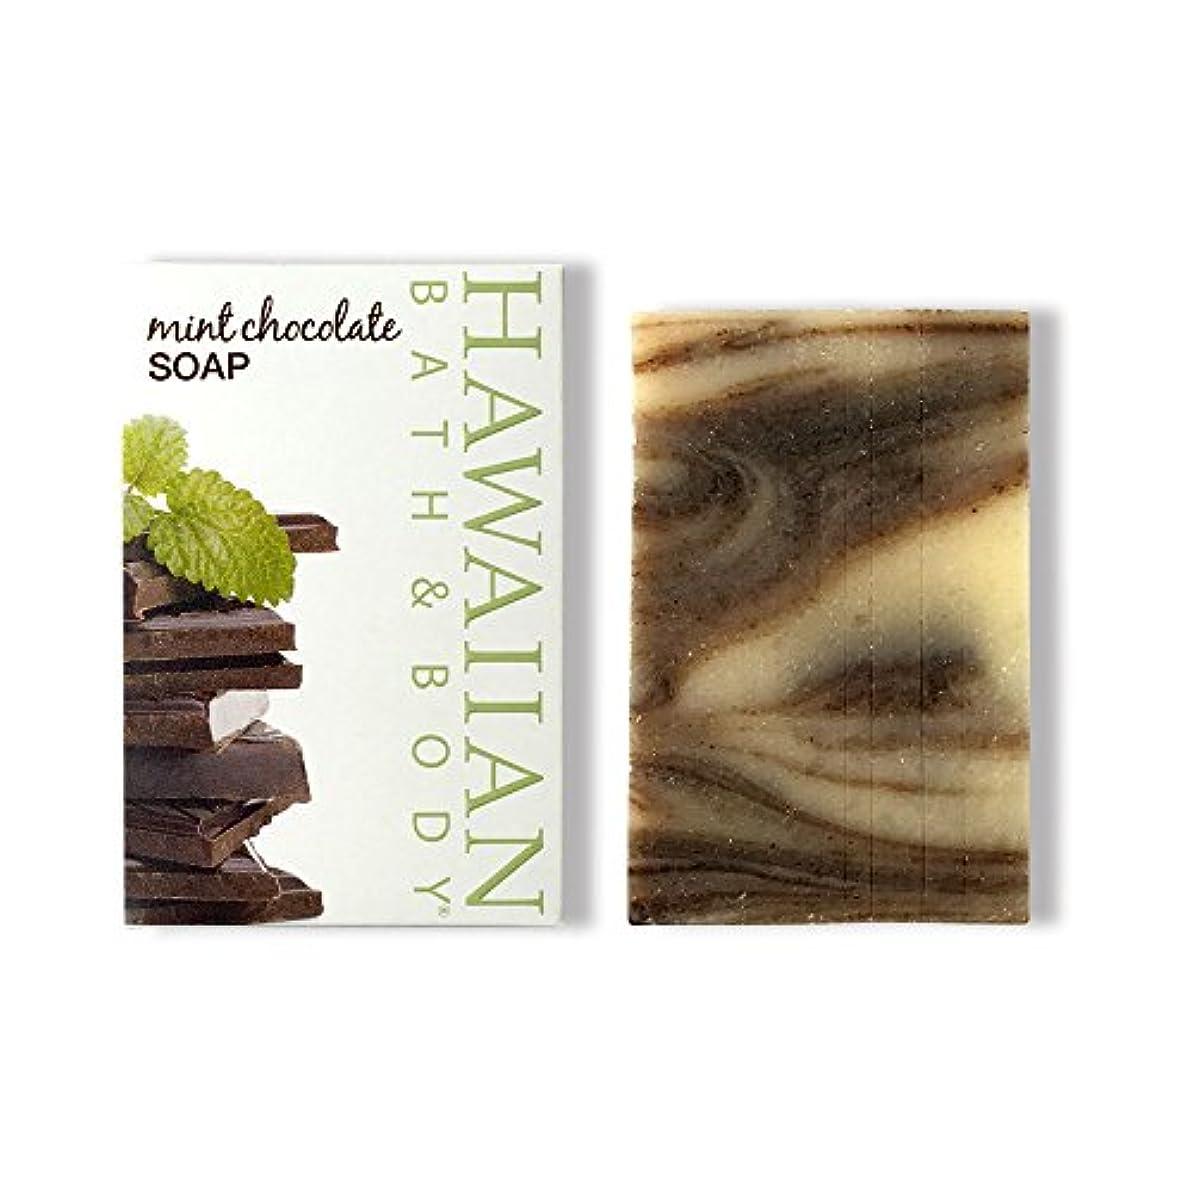 紀元前エチケットレビュアーハワイアンバス&ボディ ハワイアン?ミントチョコレートソープ ( Hawaii Mint Chocolate Soap )